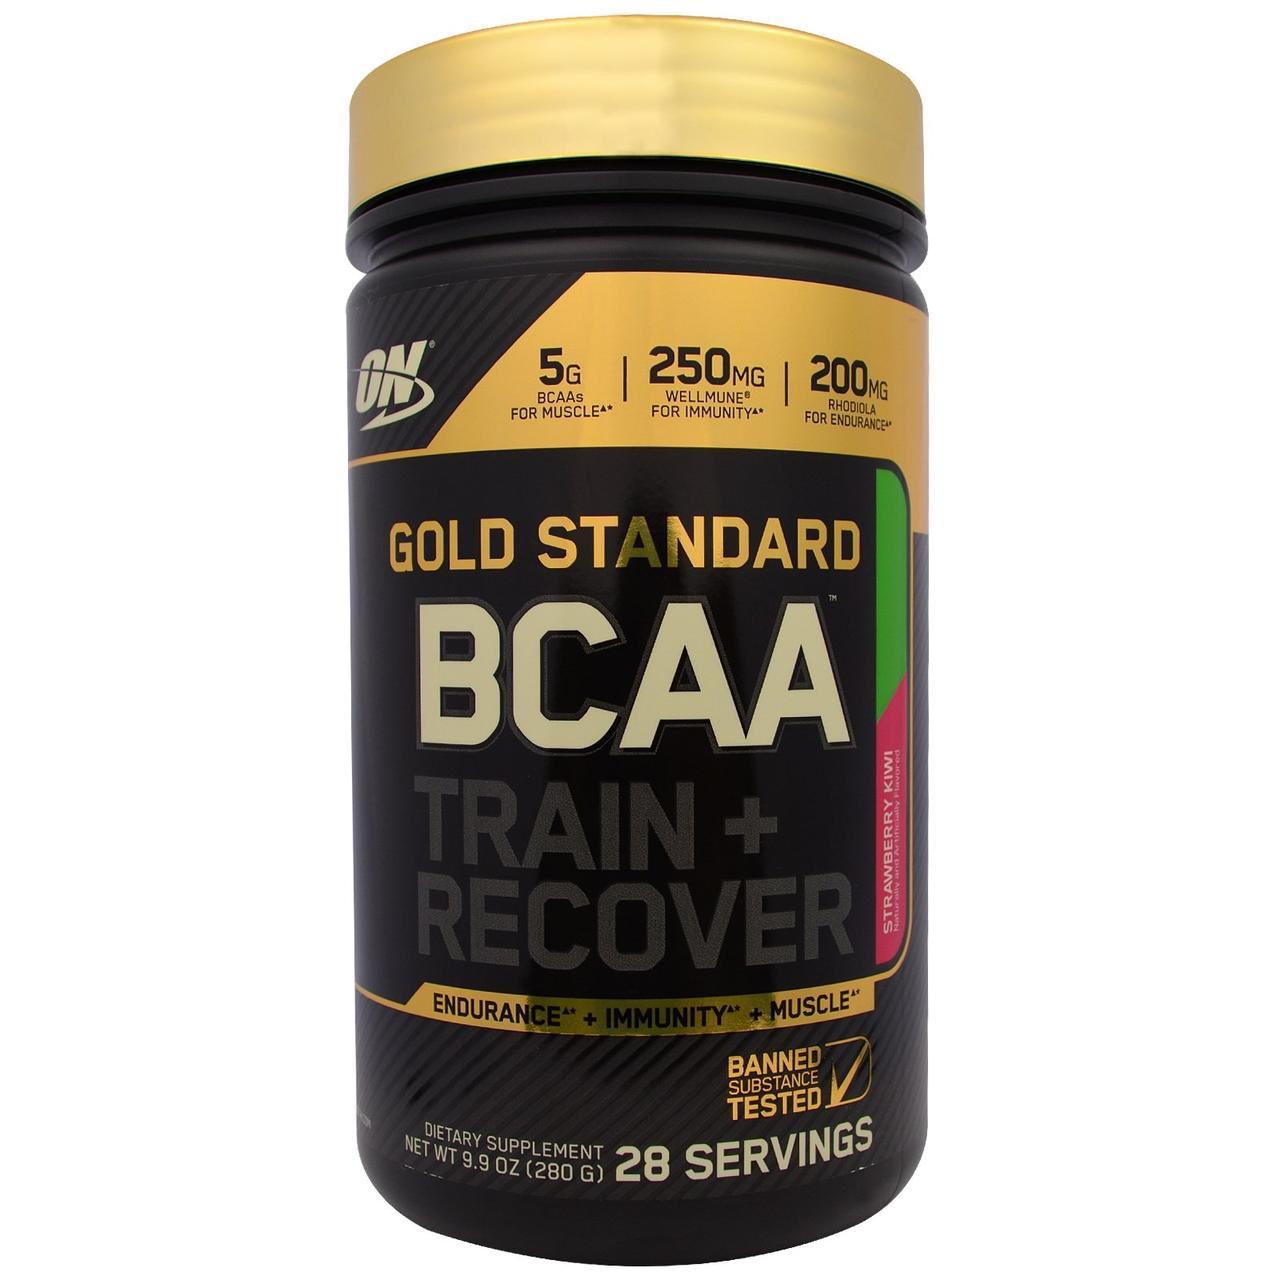 Optimum Nutrition, Золотой стандарт BCAA, комплекс аминокислот с разветвленными боковыми цепями (BCAA) для тренировки и восстановления со вкусом - Интернет-магазин для здоровой жизни в Киеве